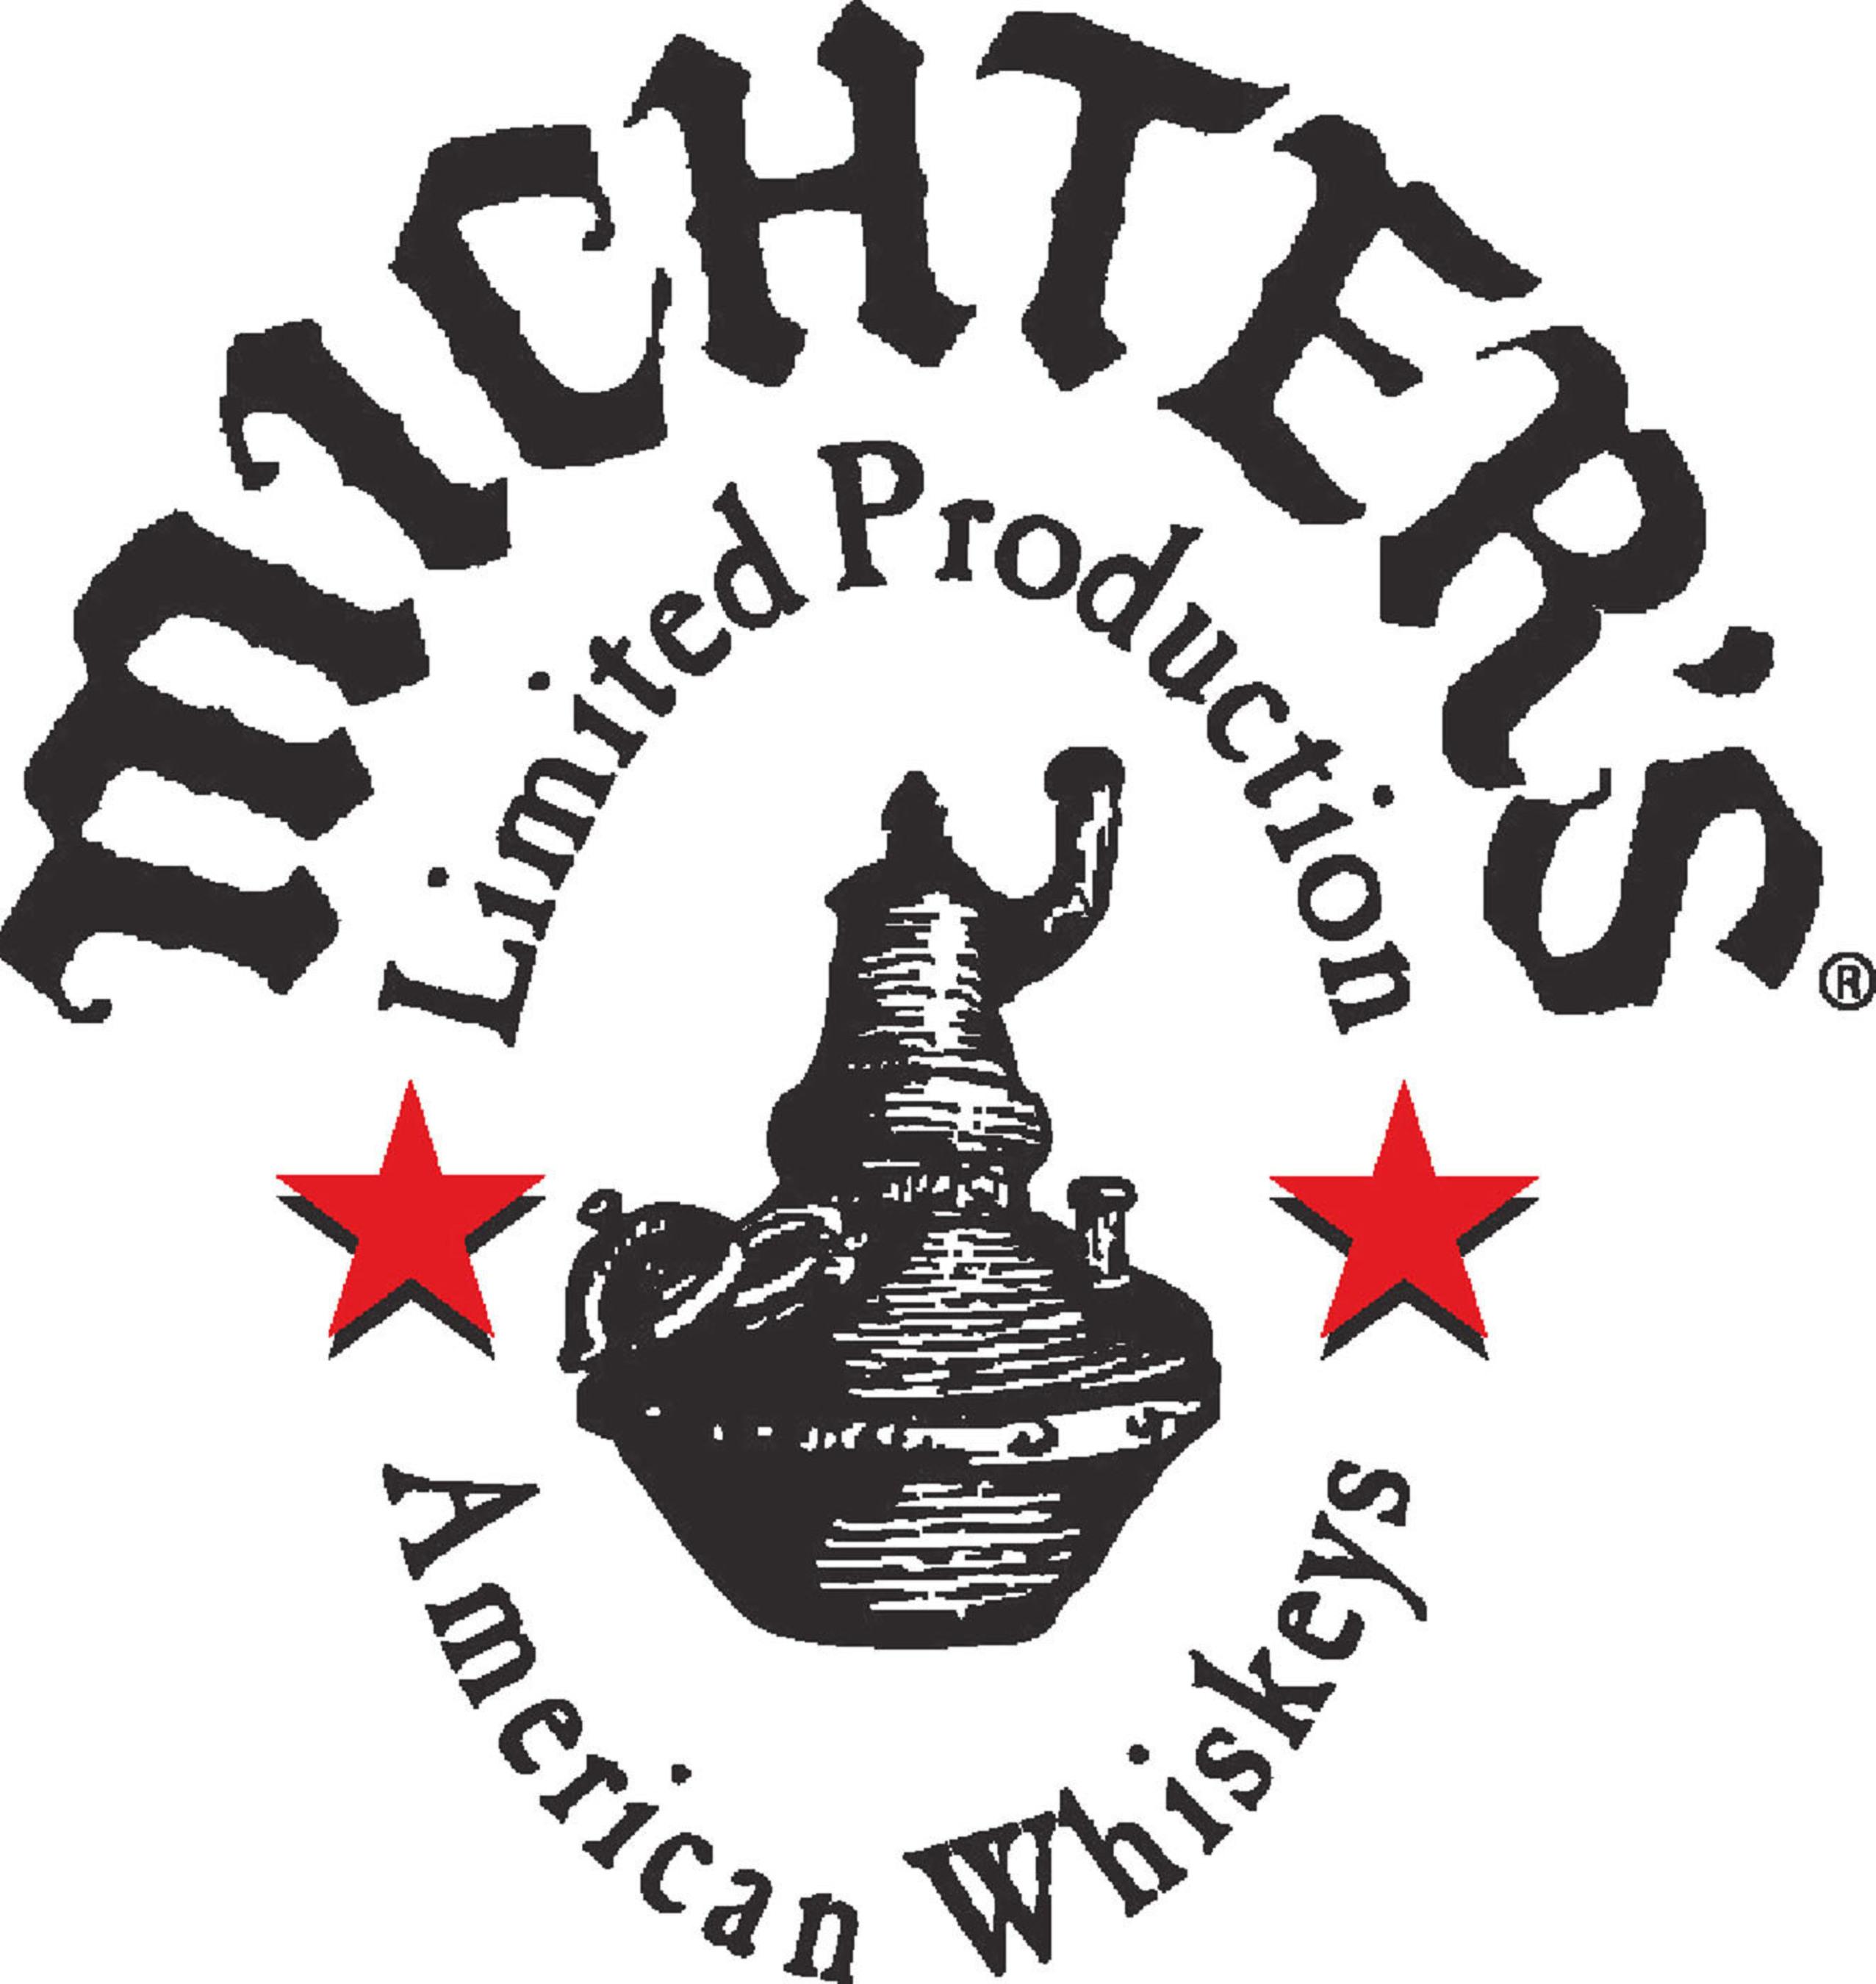 Michter bringt begrenzte Menge seines US*1 Toasted Barrel Finish Bourbon für 2015 auf den Markt